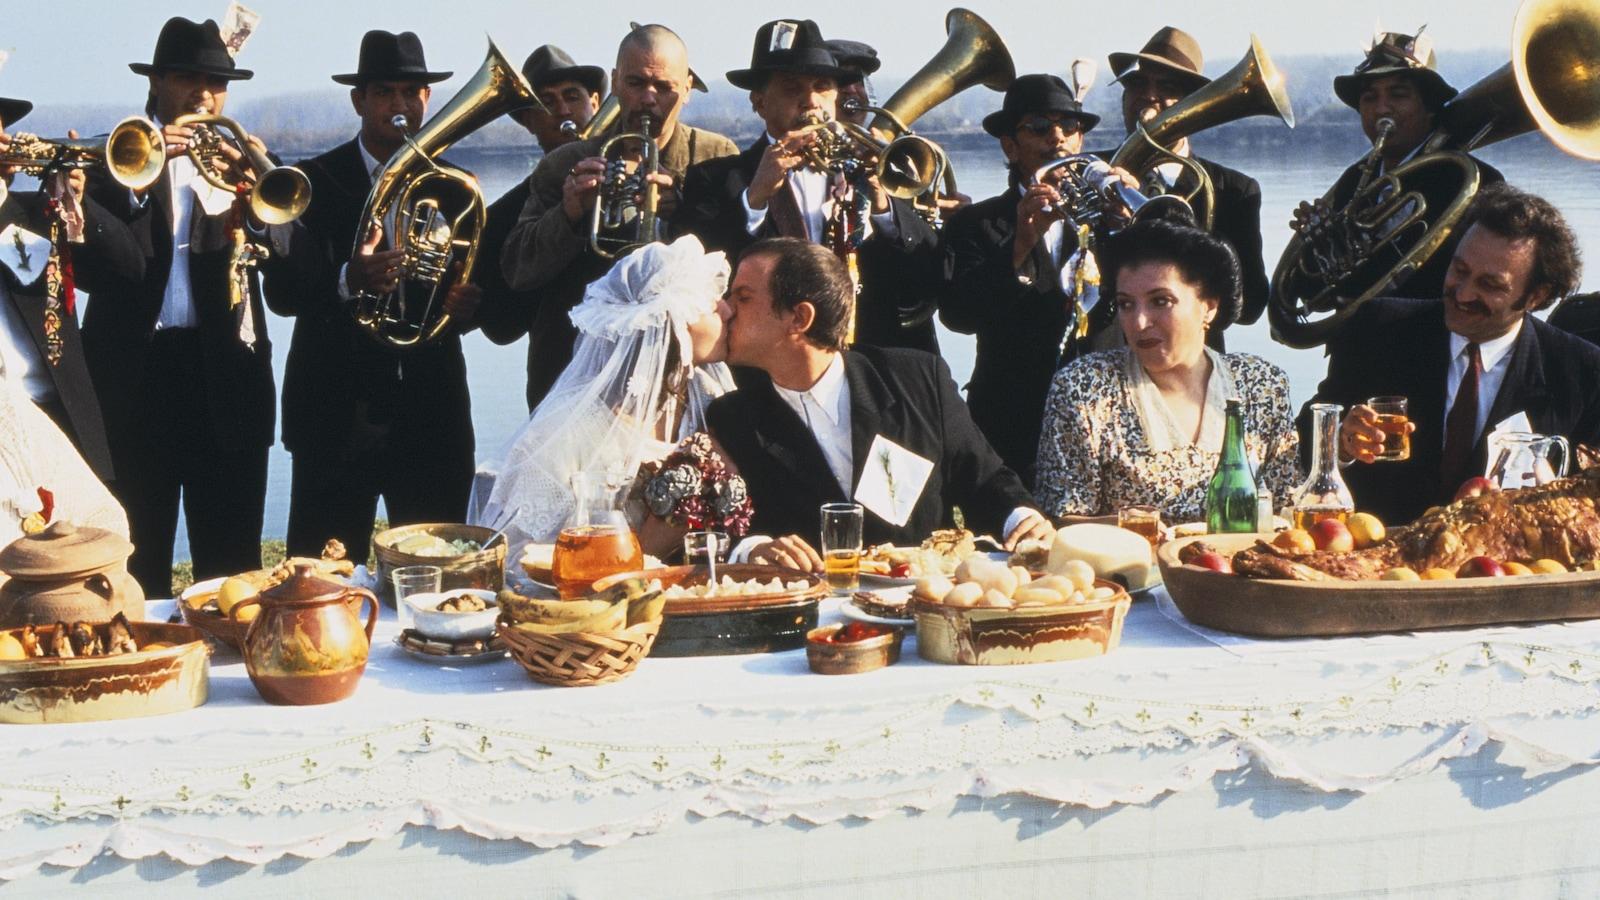 Un couple de mariés assis à table s'embrasse devant une fanfare.